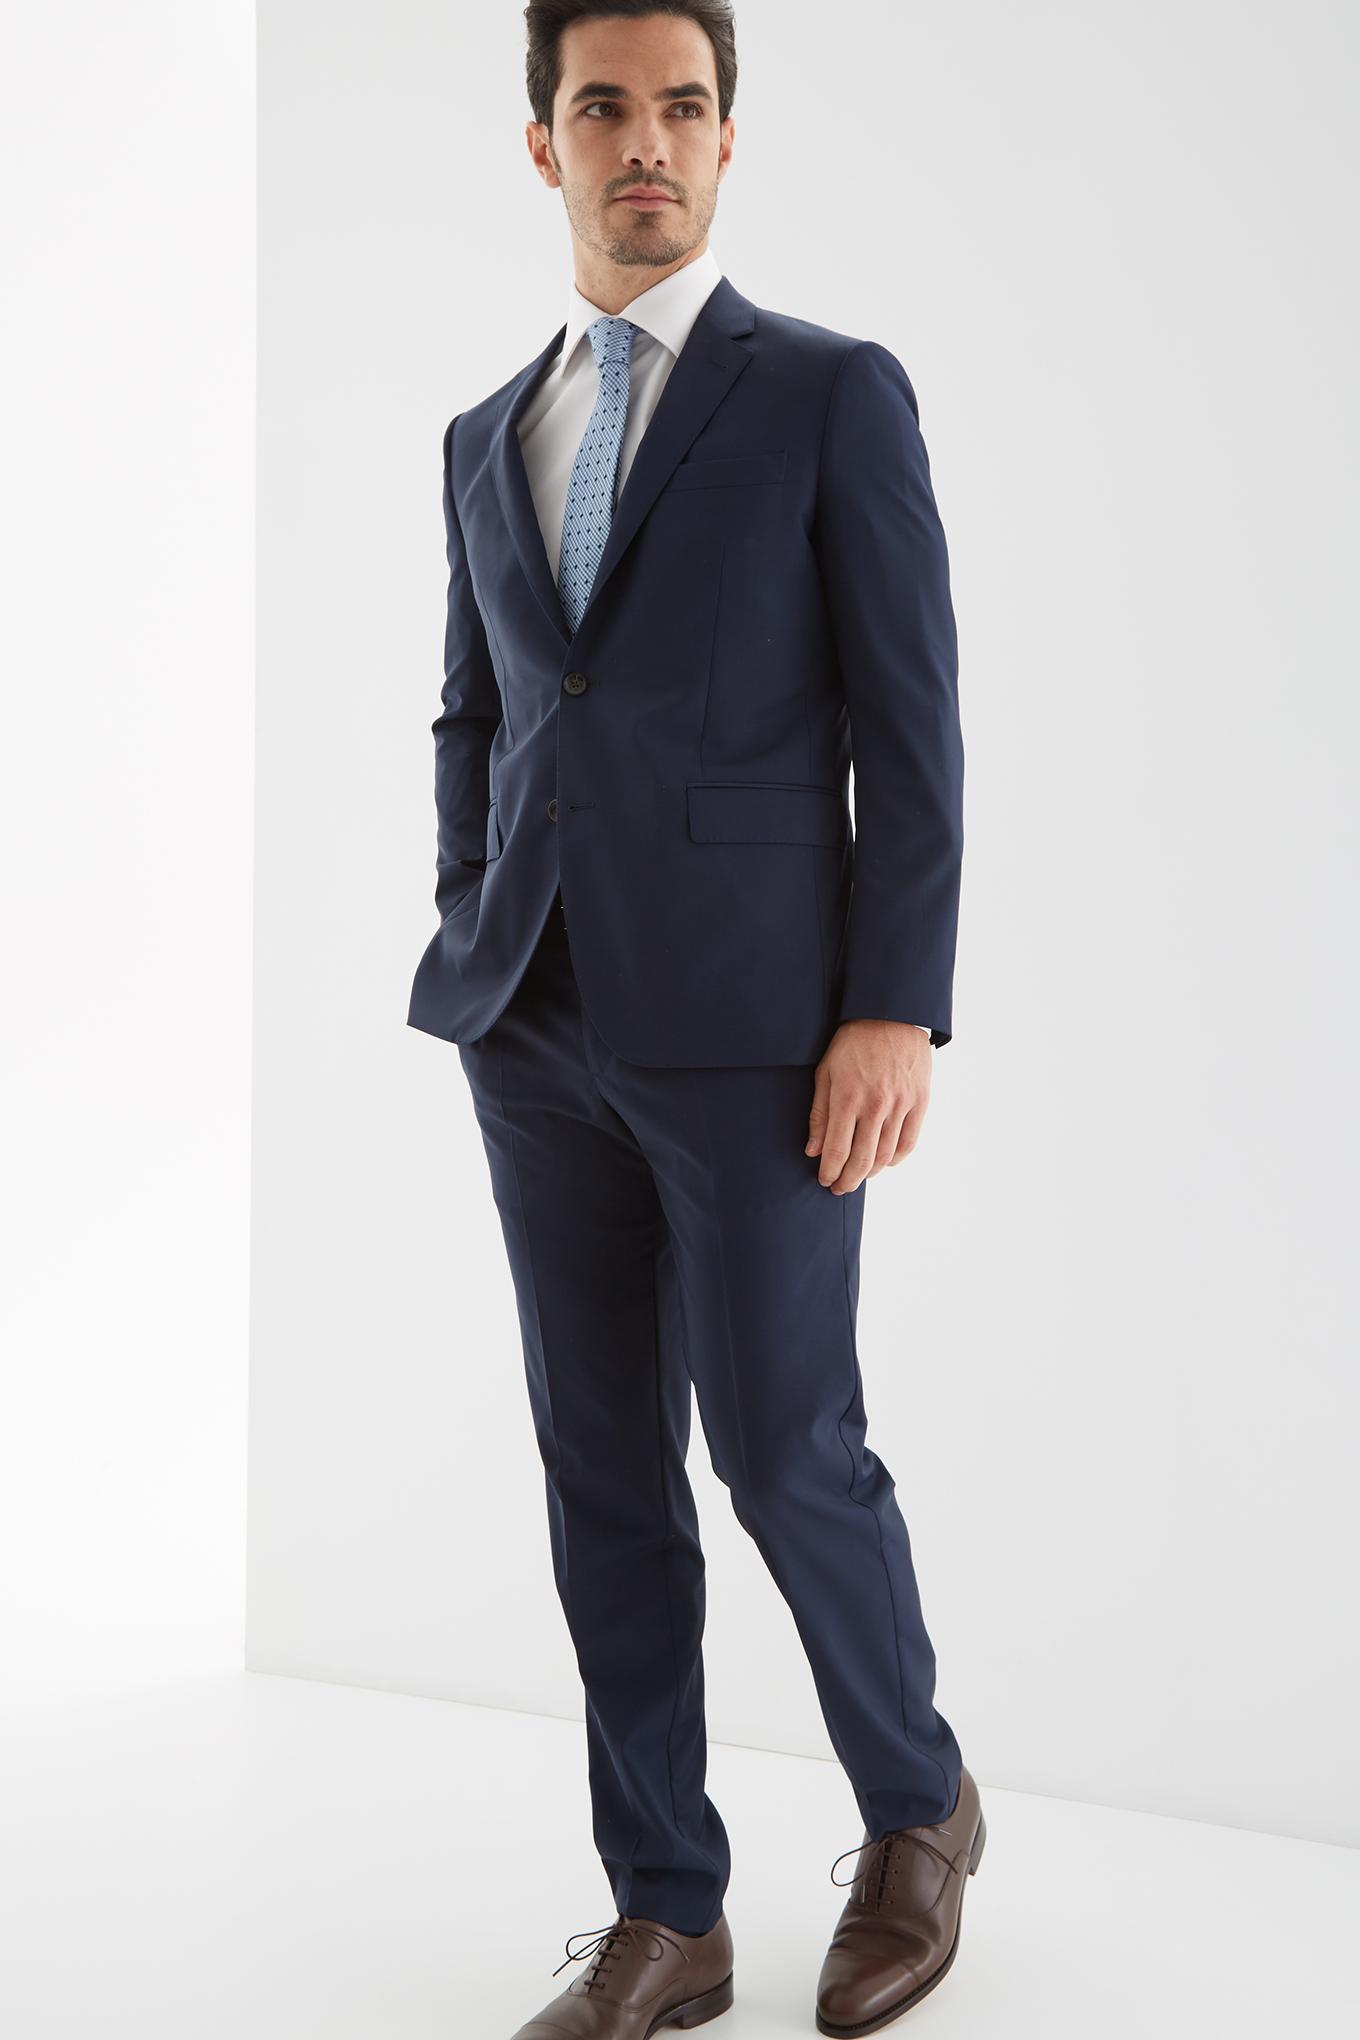 Fato Azul Escuro Classic Homem